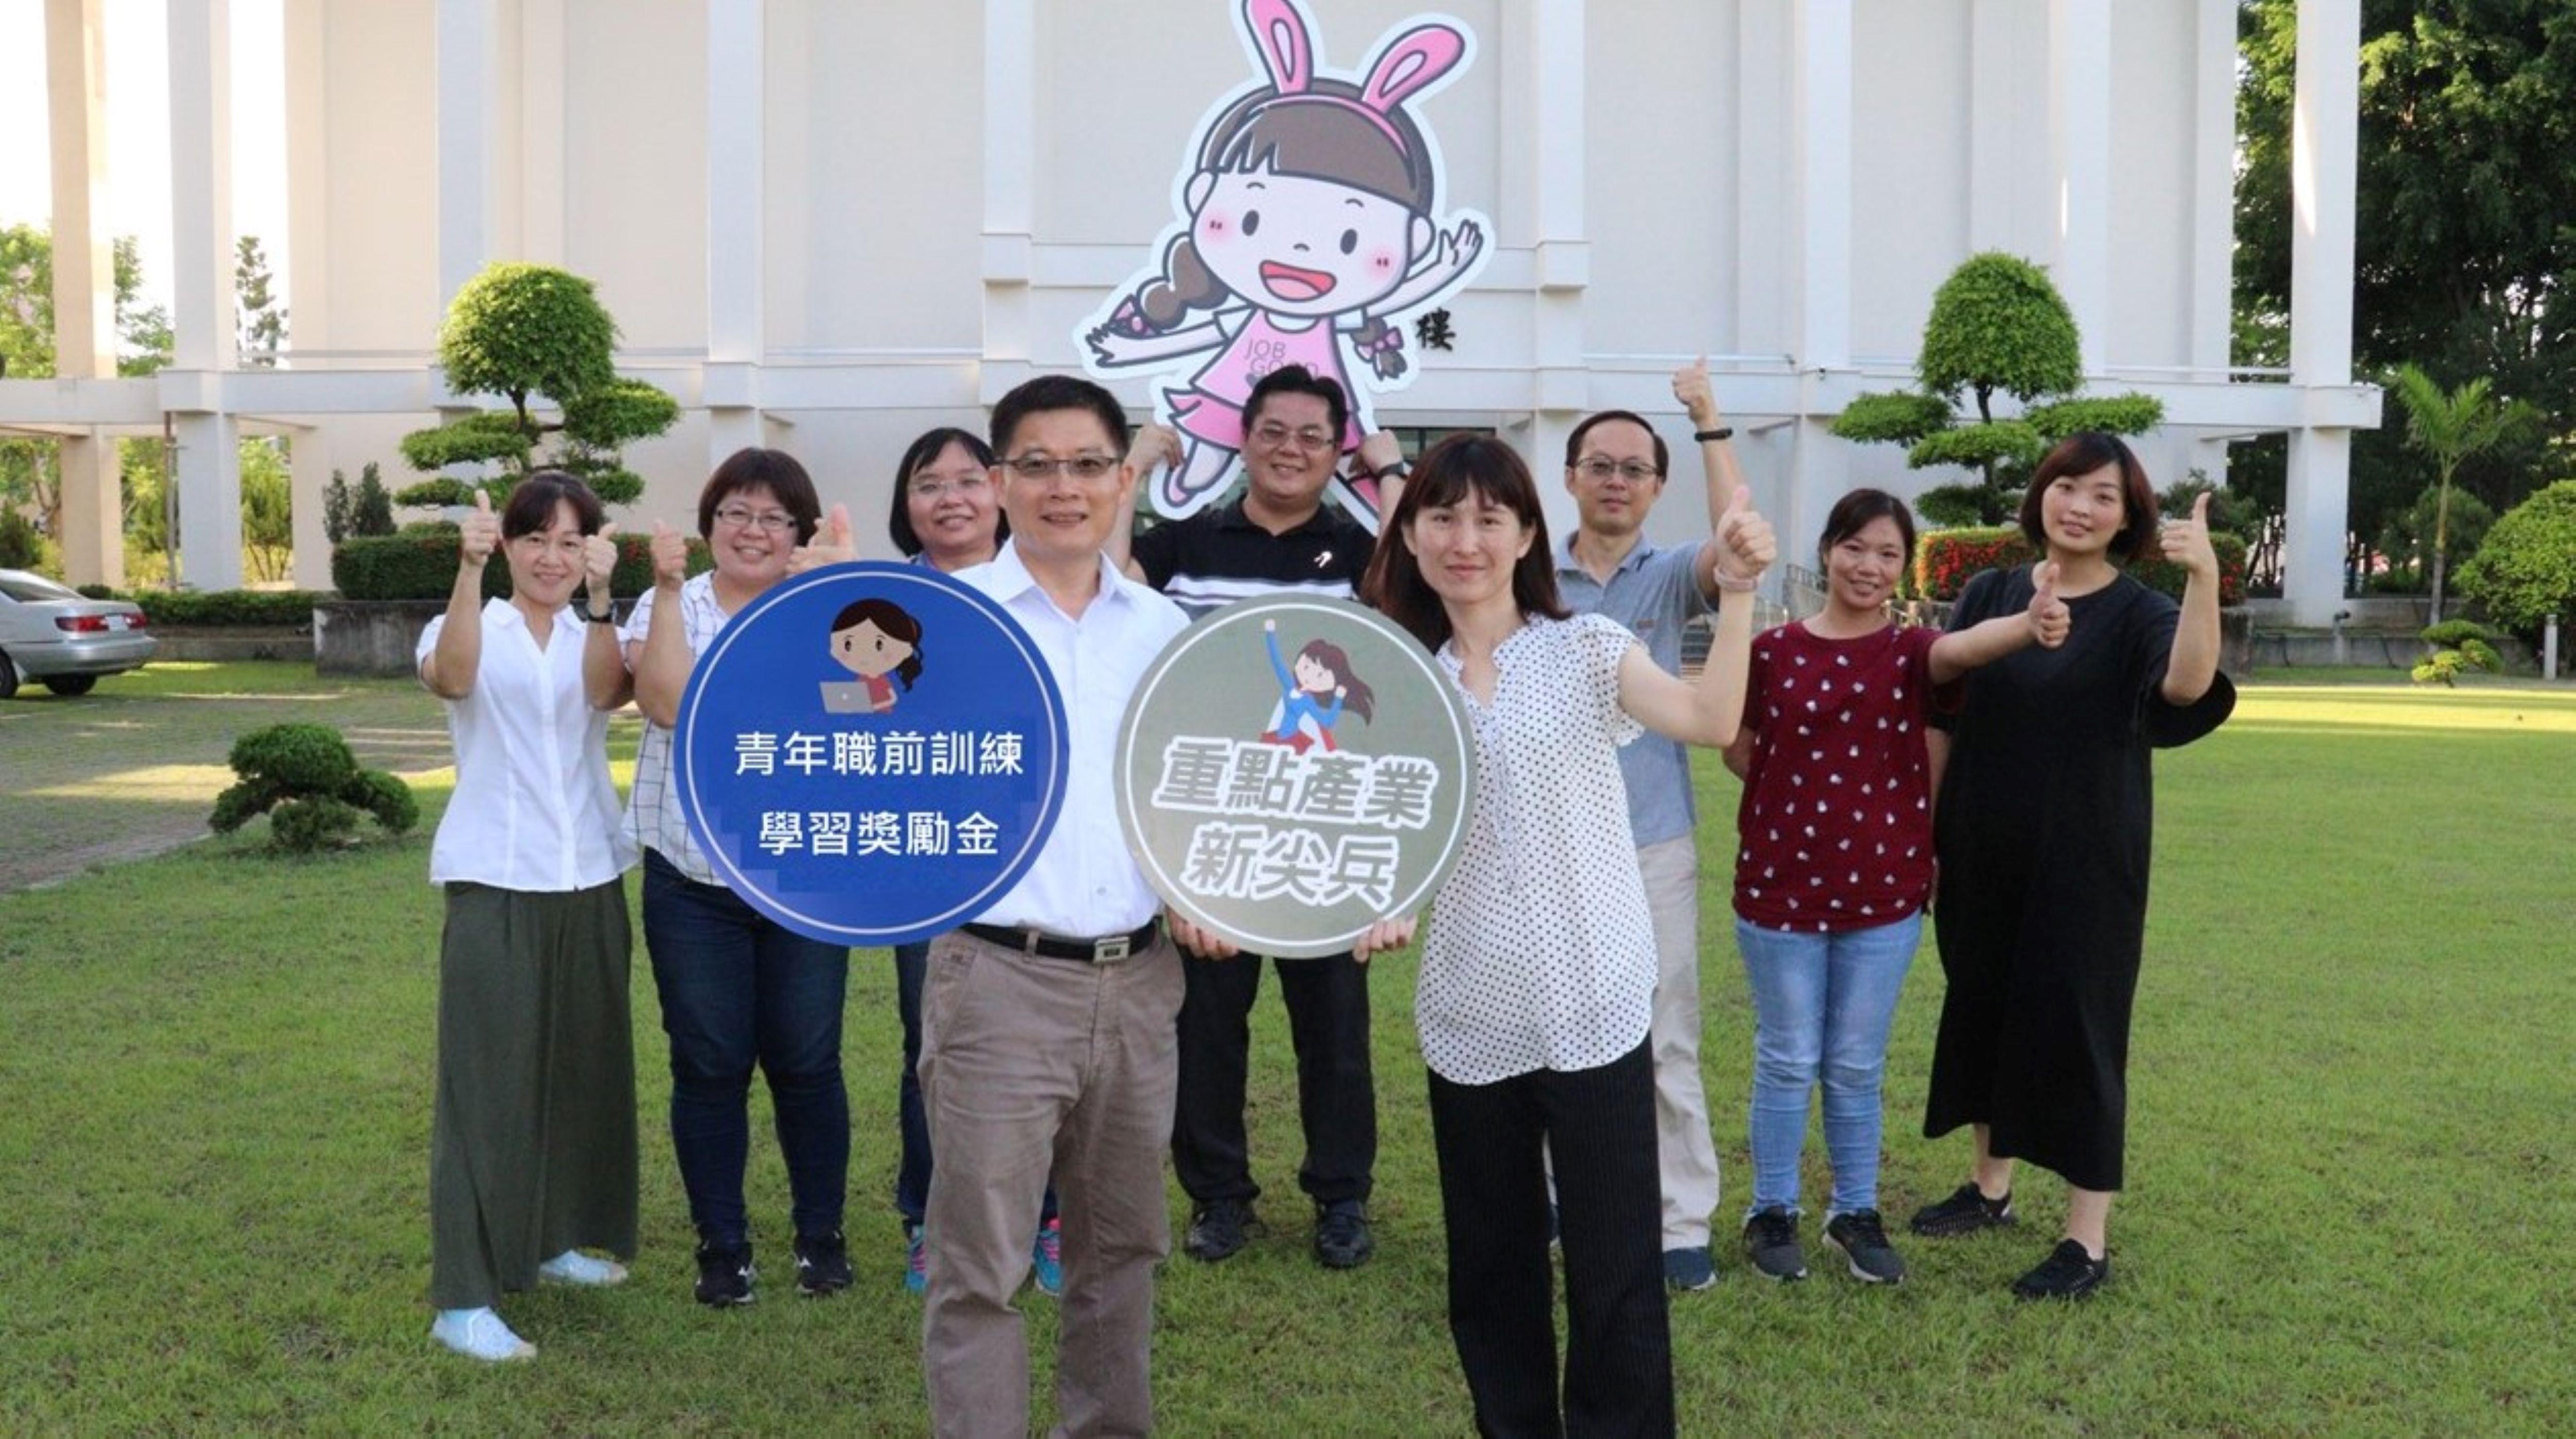 ▲1雲嘉南分署長劉邦棟(前左)邀青年參加職前訓練領獎勵金